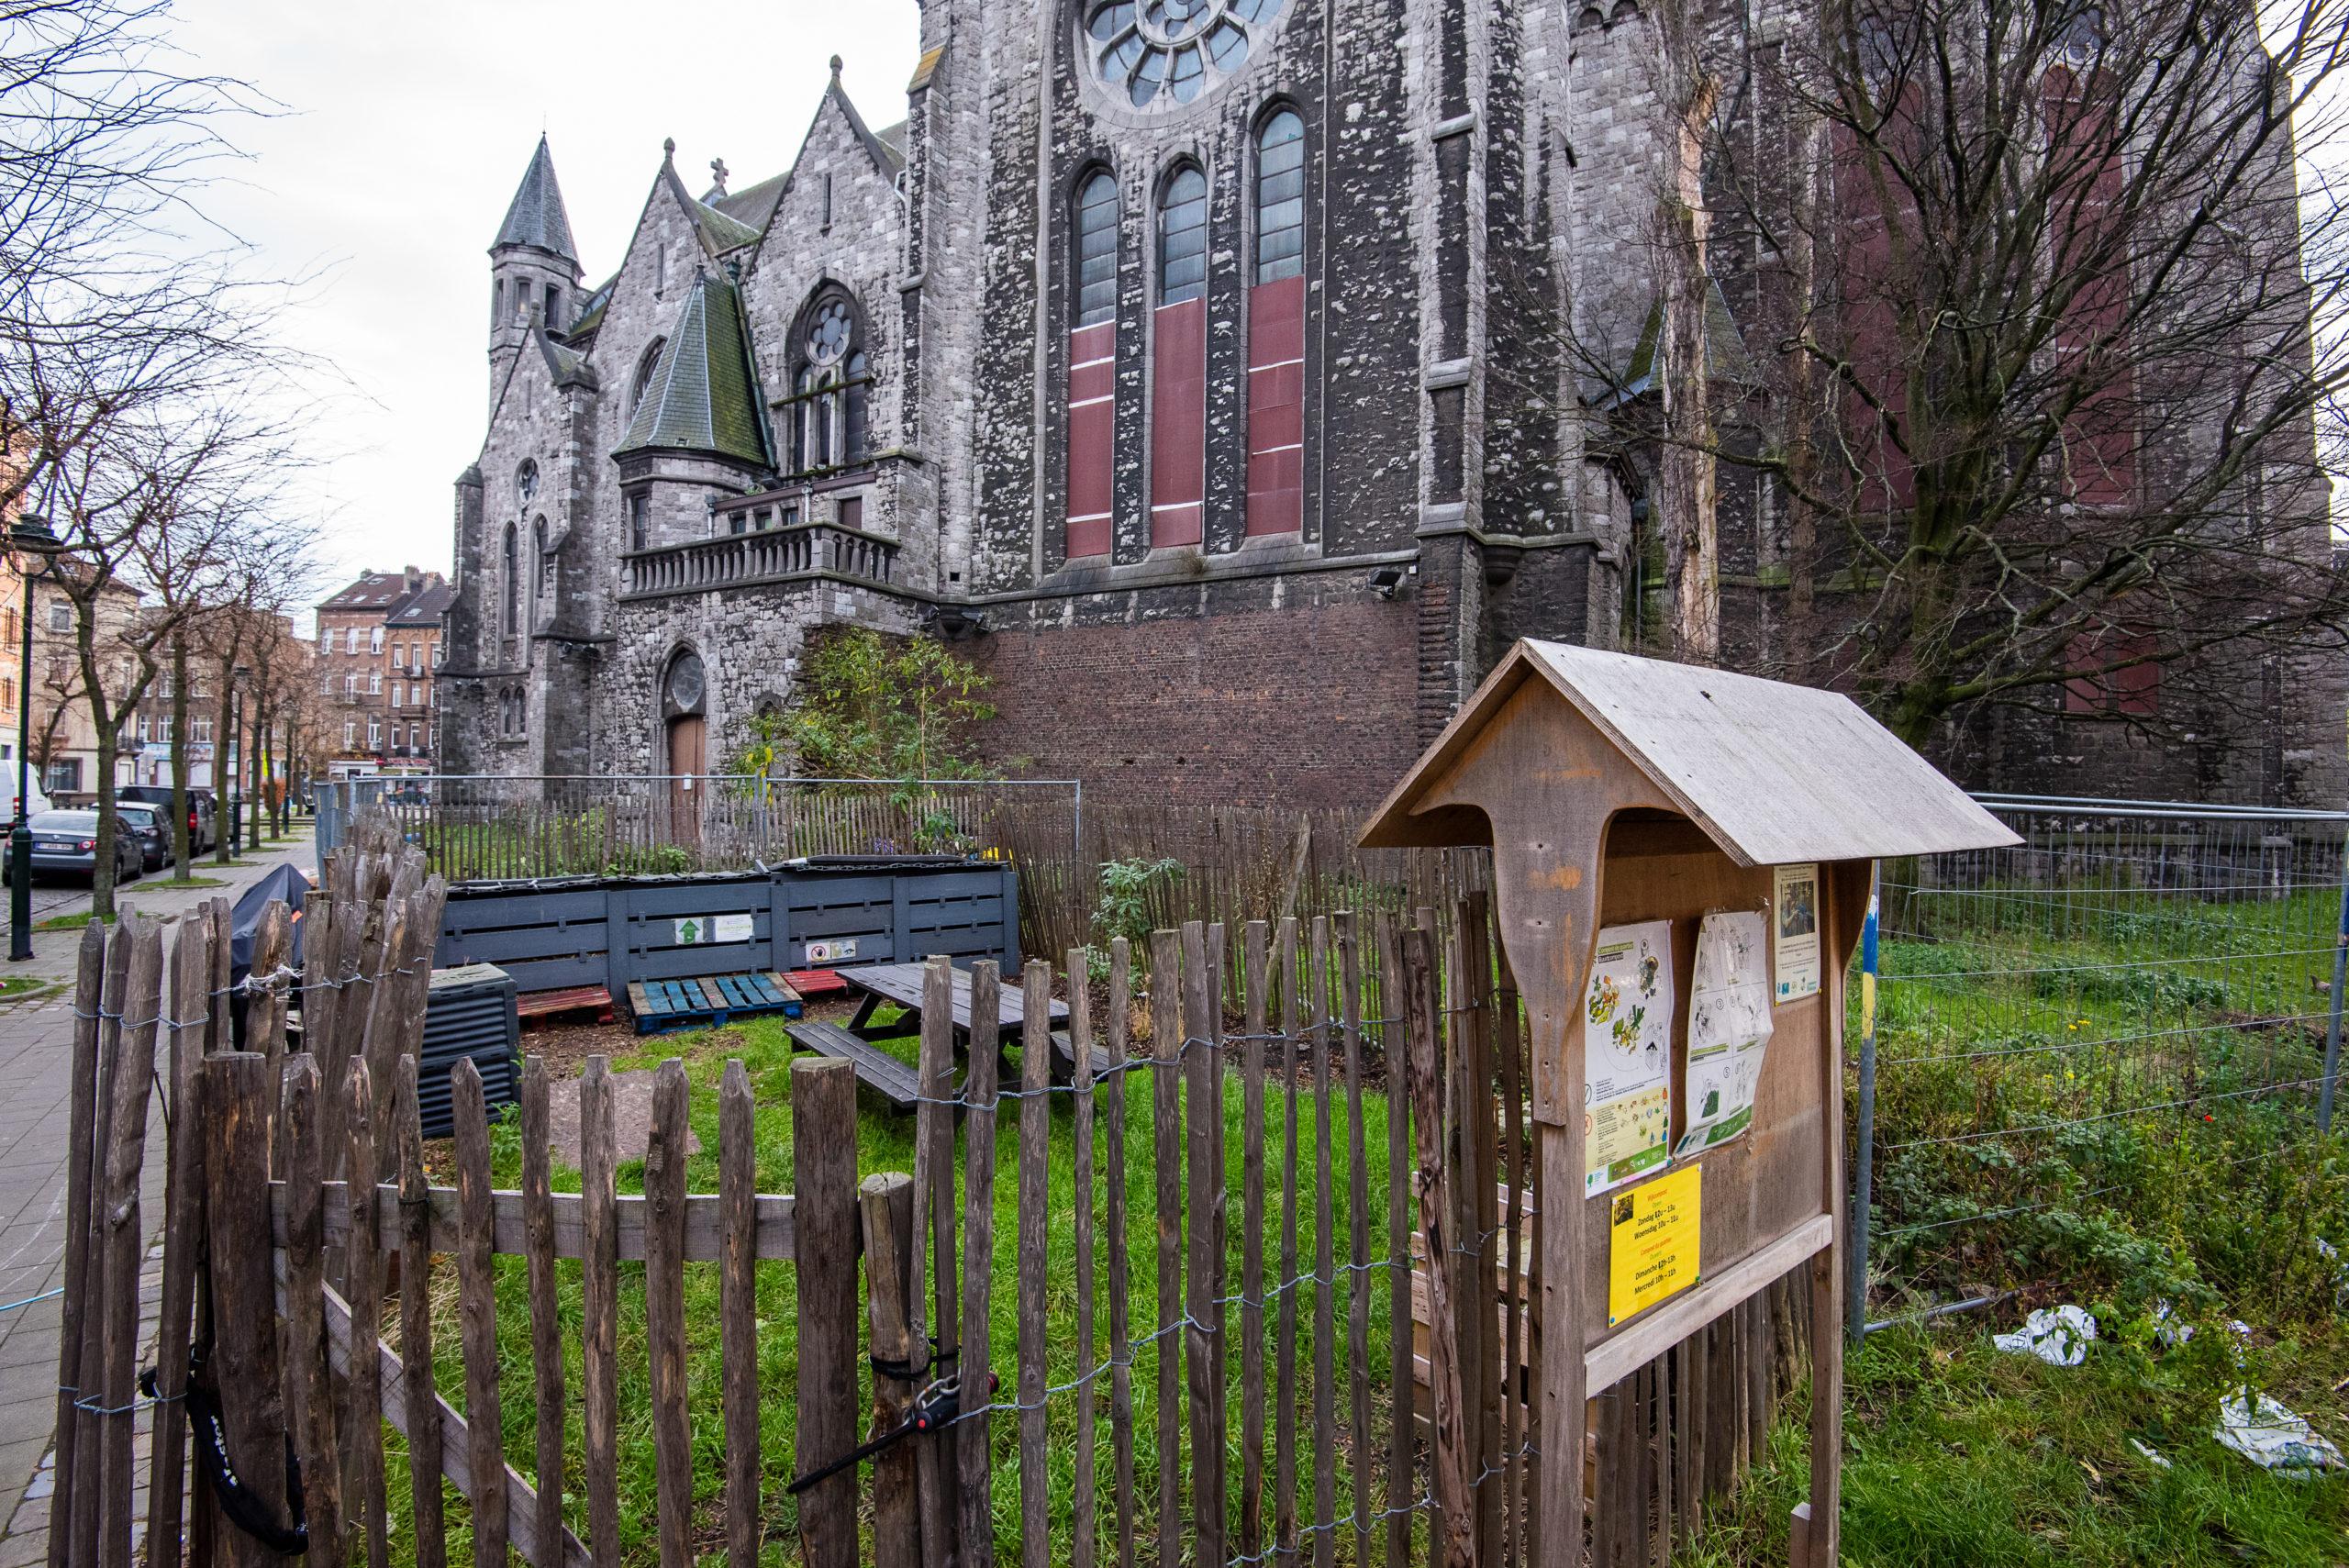 Compost de quartier – DoucheFlux asbl 1070 Anderlecht